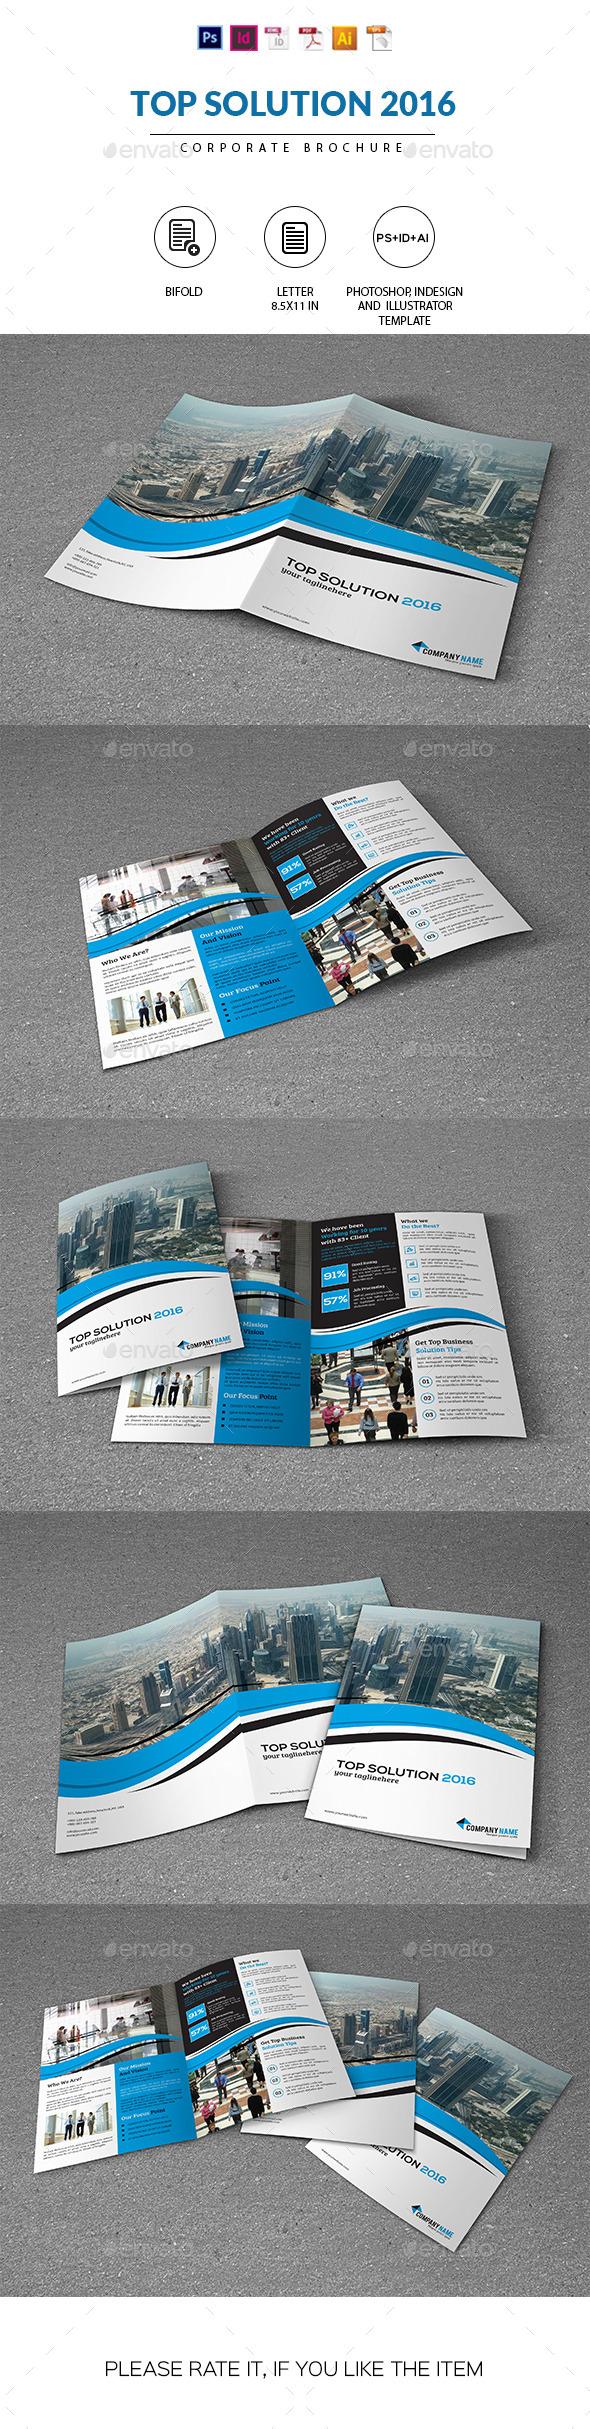 Corporate Brochure | Top Solution 2016 - Corporate Brochures